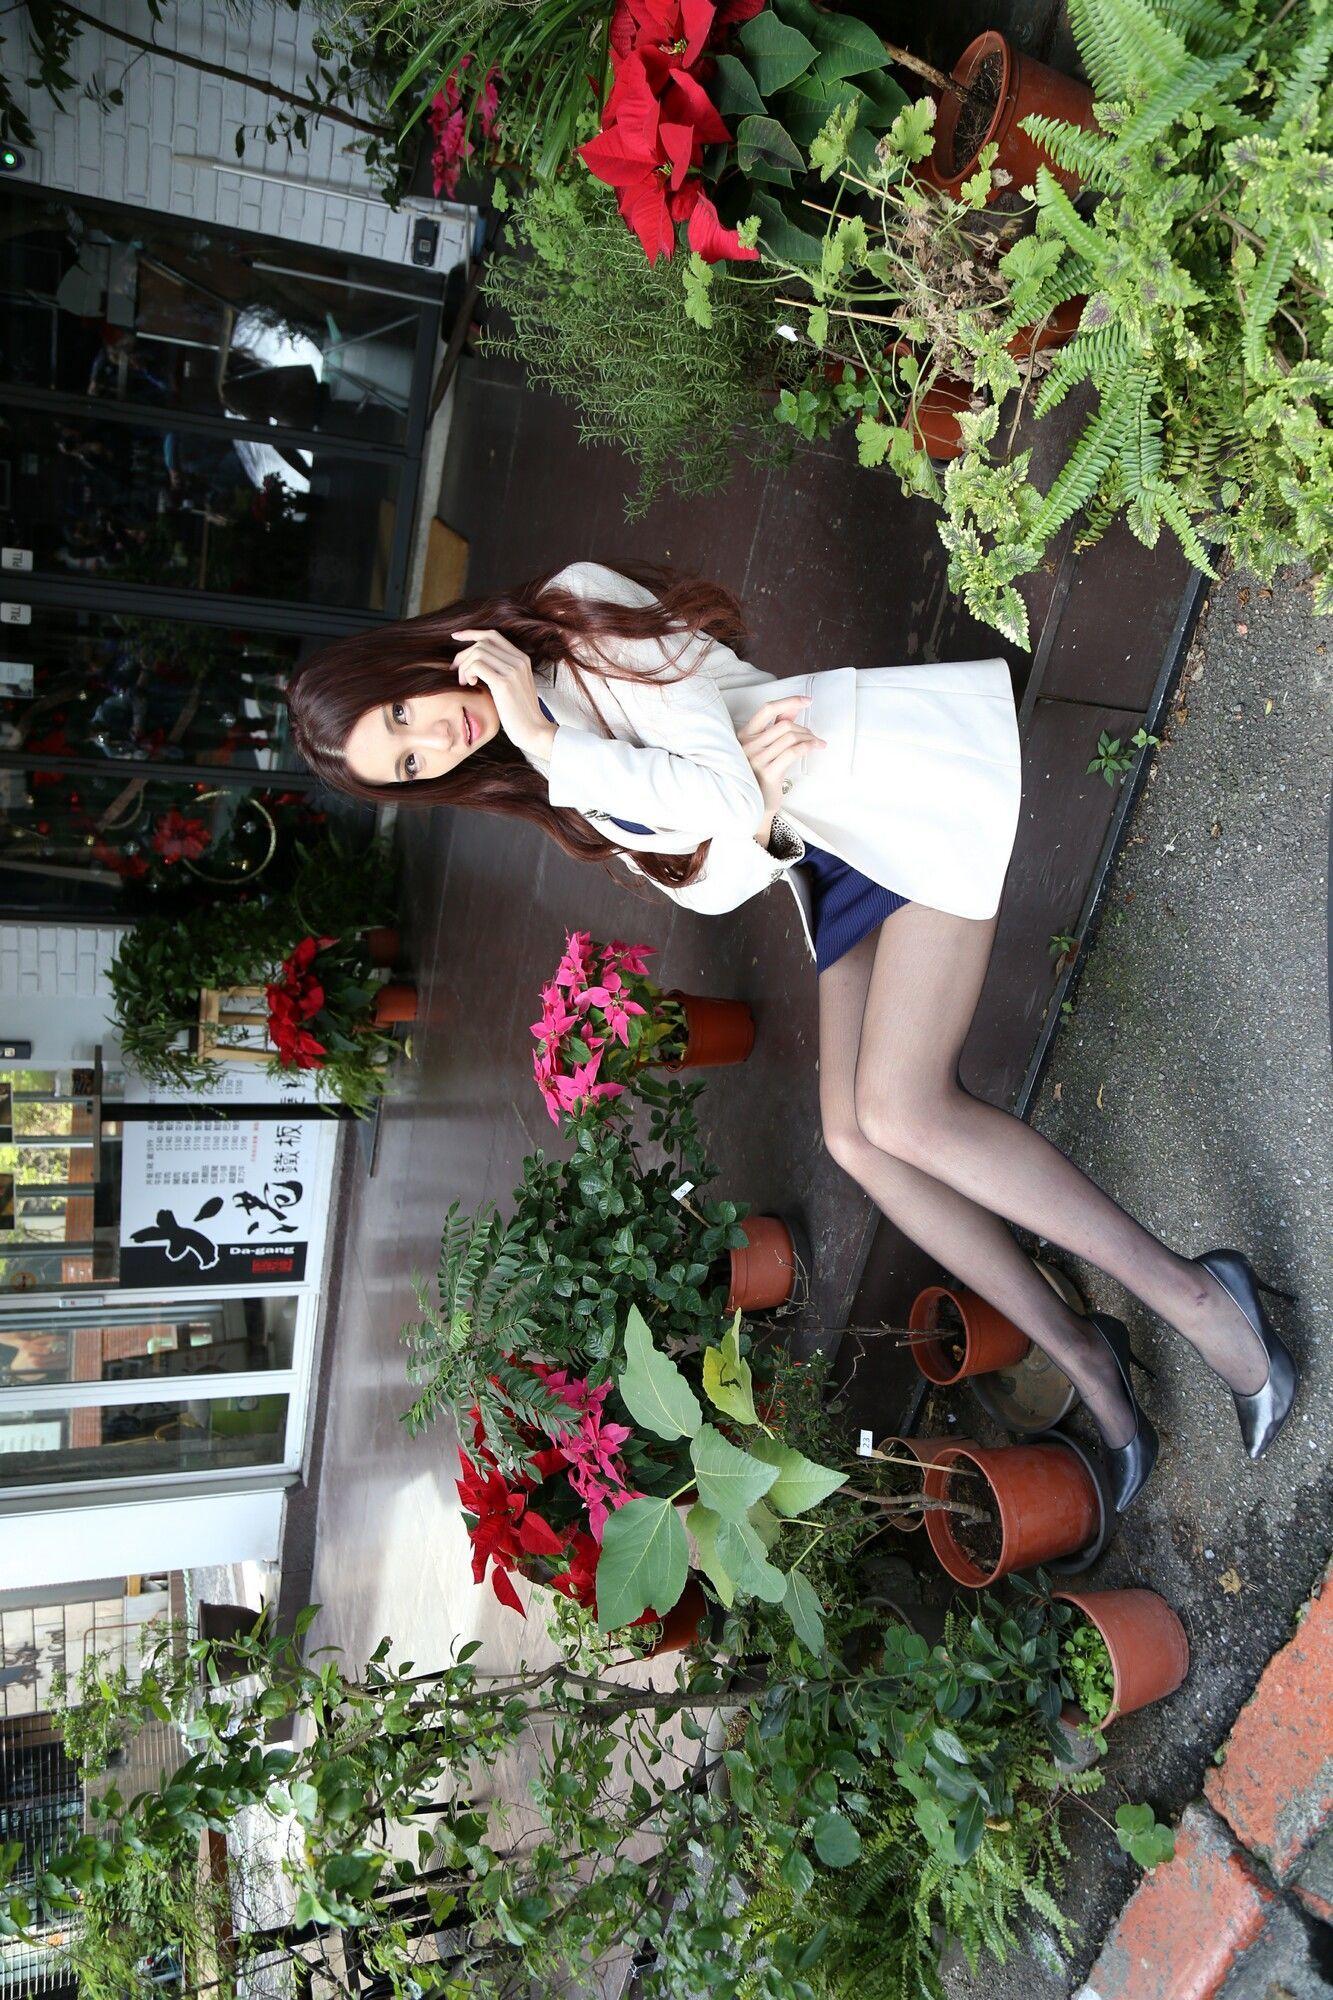 蔡译心 - 秋OL黑丝美腿外拍 写真图片